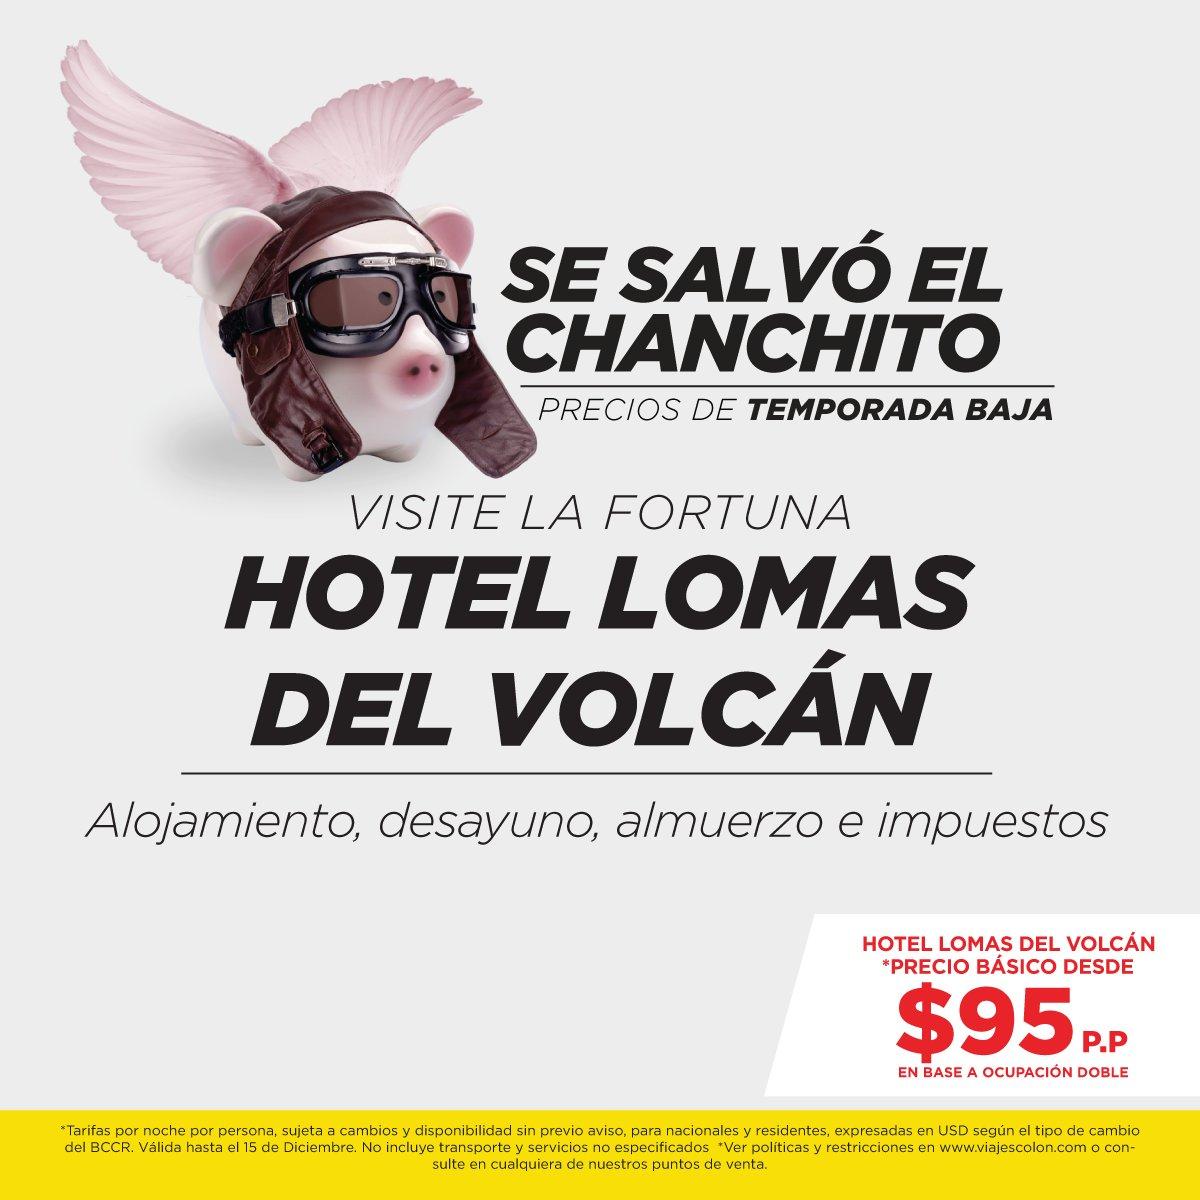 ¡Disfrutemos de #CostaRica! Visite La Fortuna y relájese. Quiero ir: reservas@viajescolon.com  #Viajes #Relajarse #AmomiPaís #SanCarlos https://t.co/GEitdG2X8v